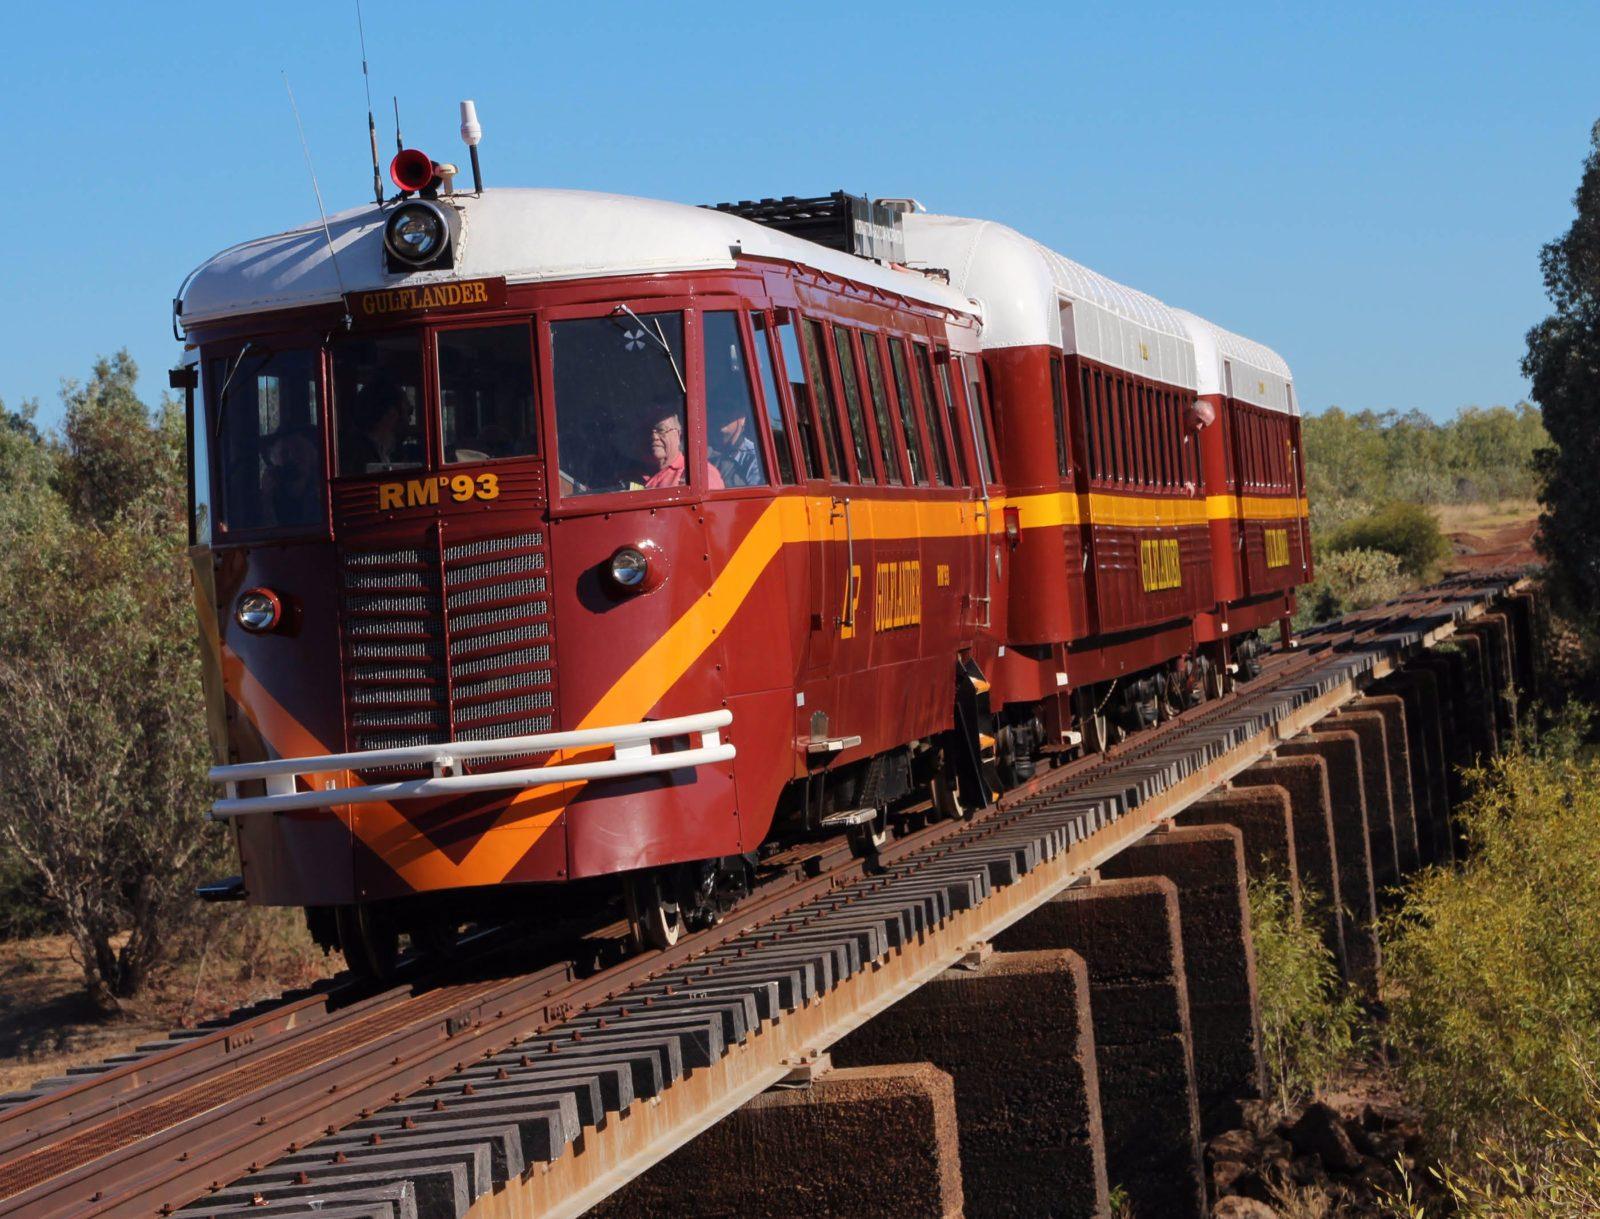 Gulflander, Normanton to Croydon